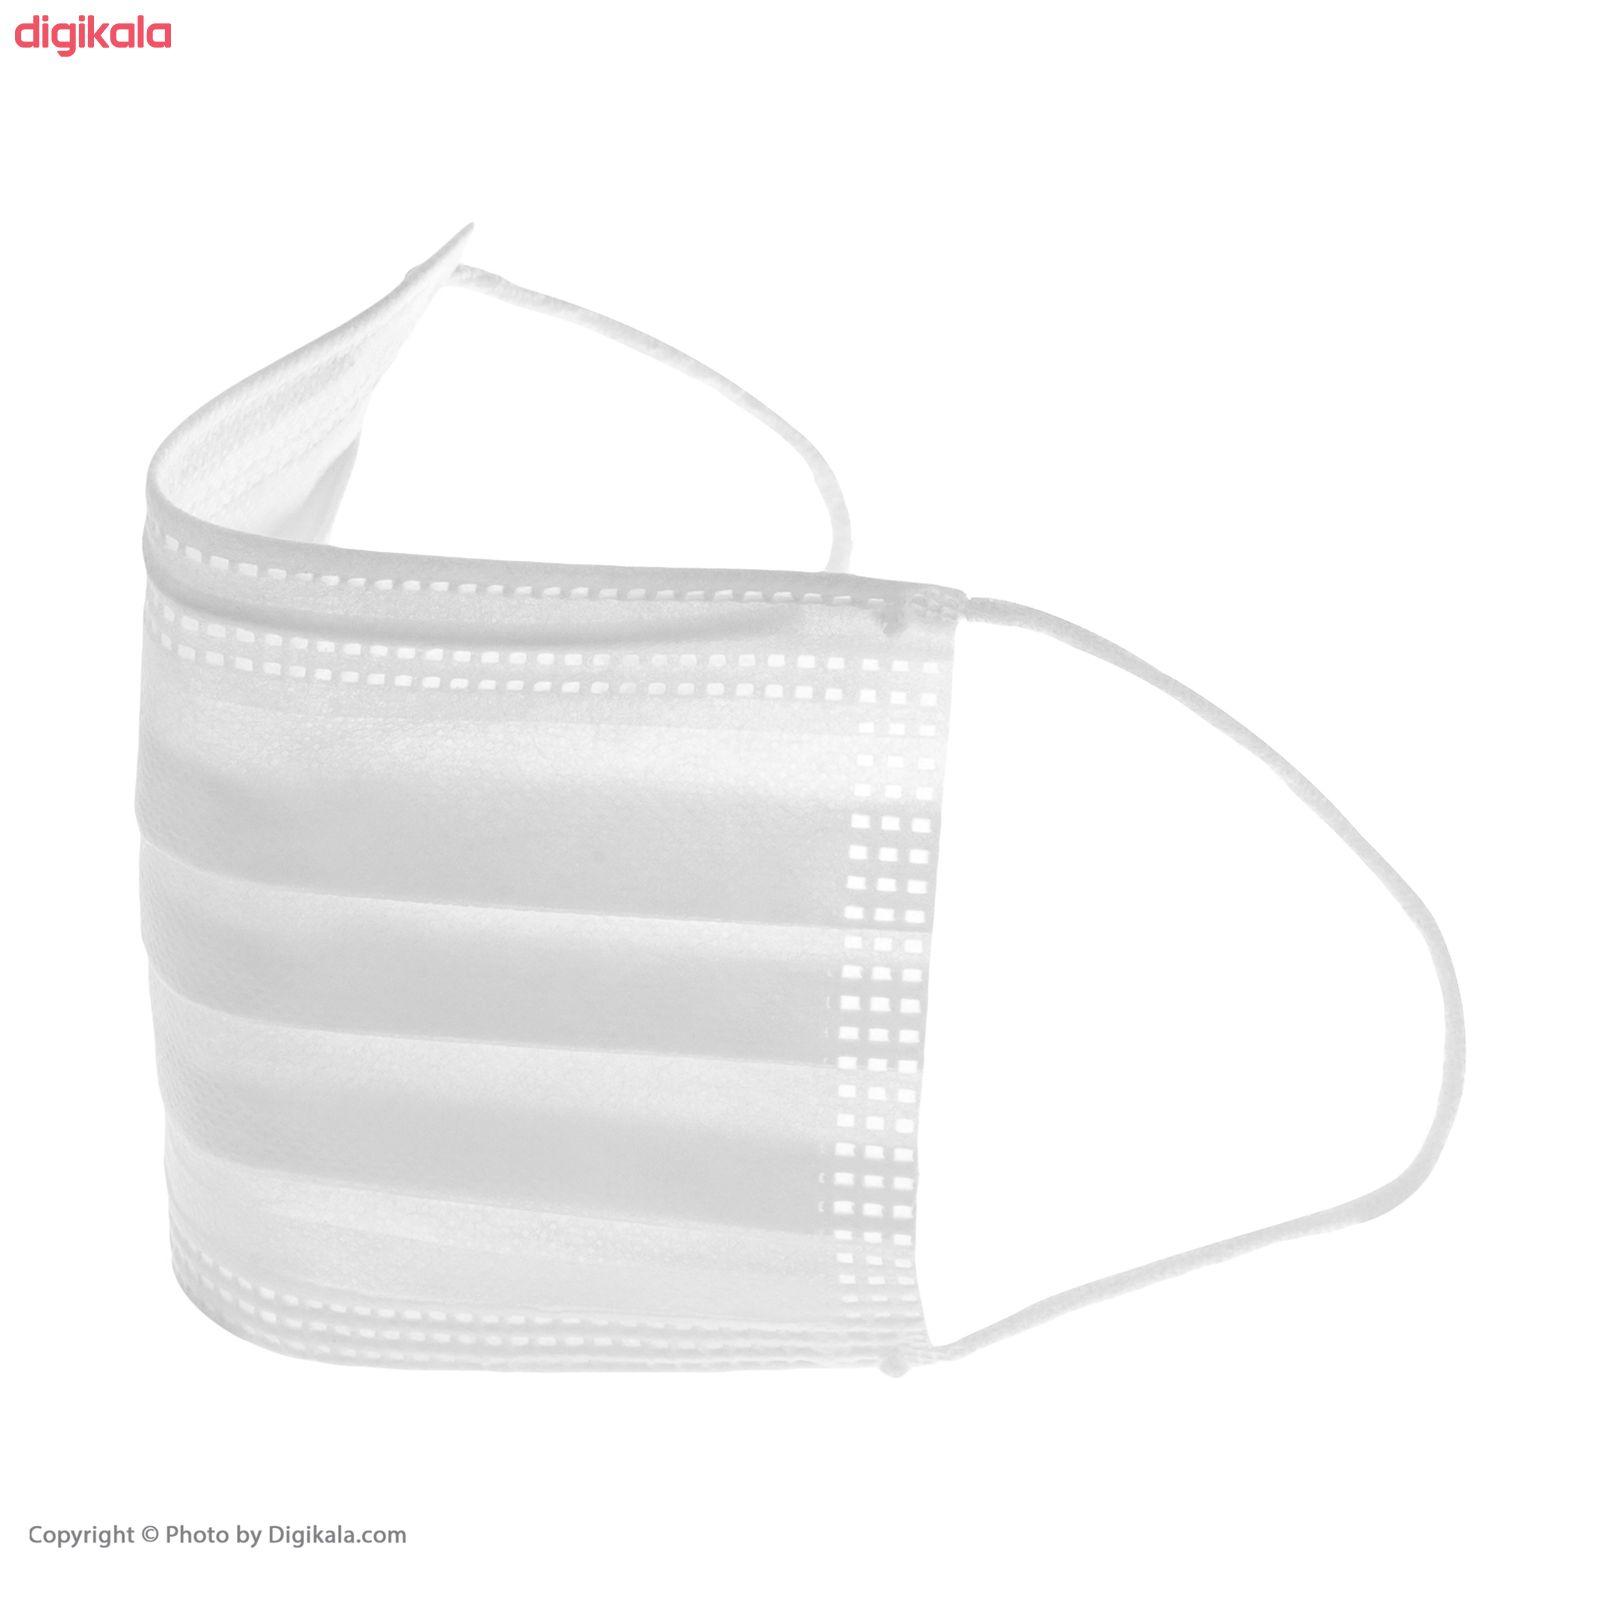 ماسک تنفسی های ماسک مدل S02 بسته 50 عددی main 1 2